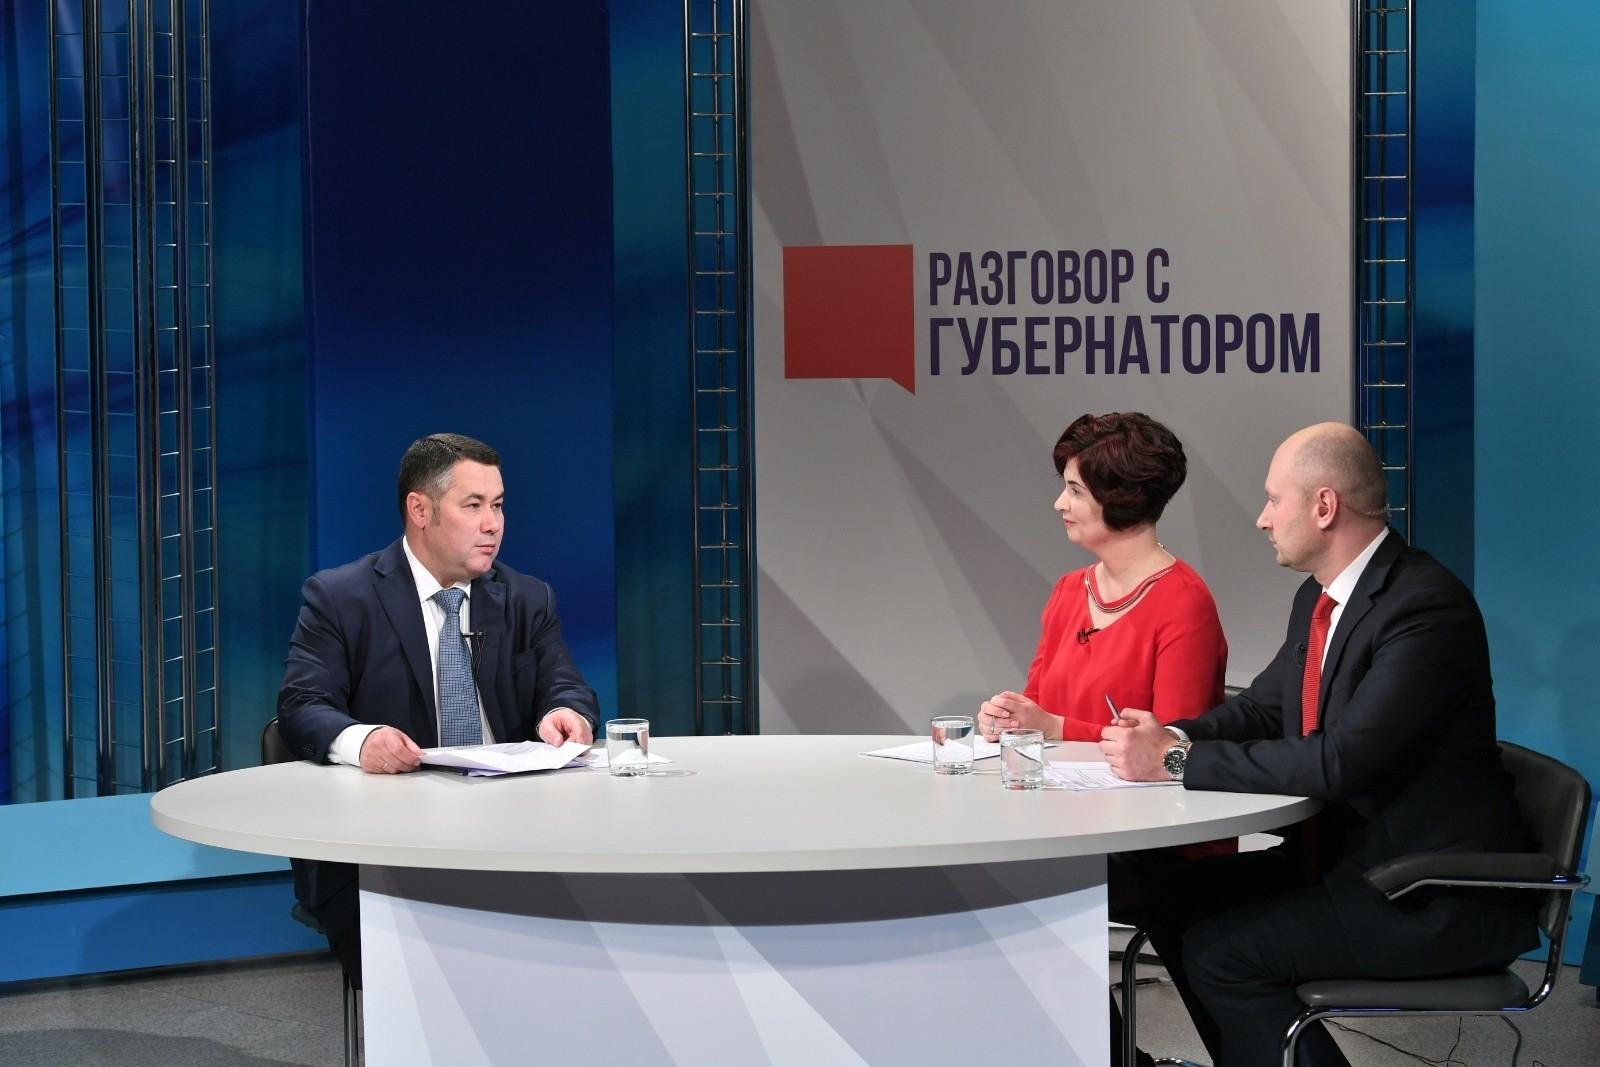 Игорь Руденя рассказал о принципе эффективности муниципальной власти